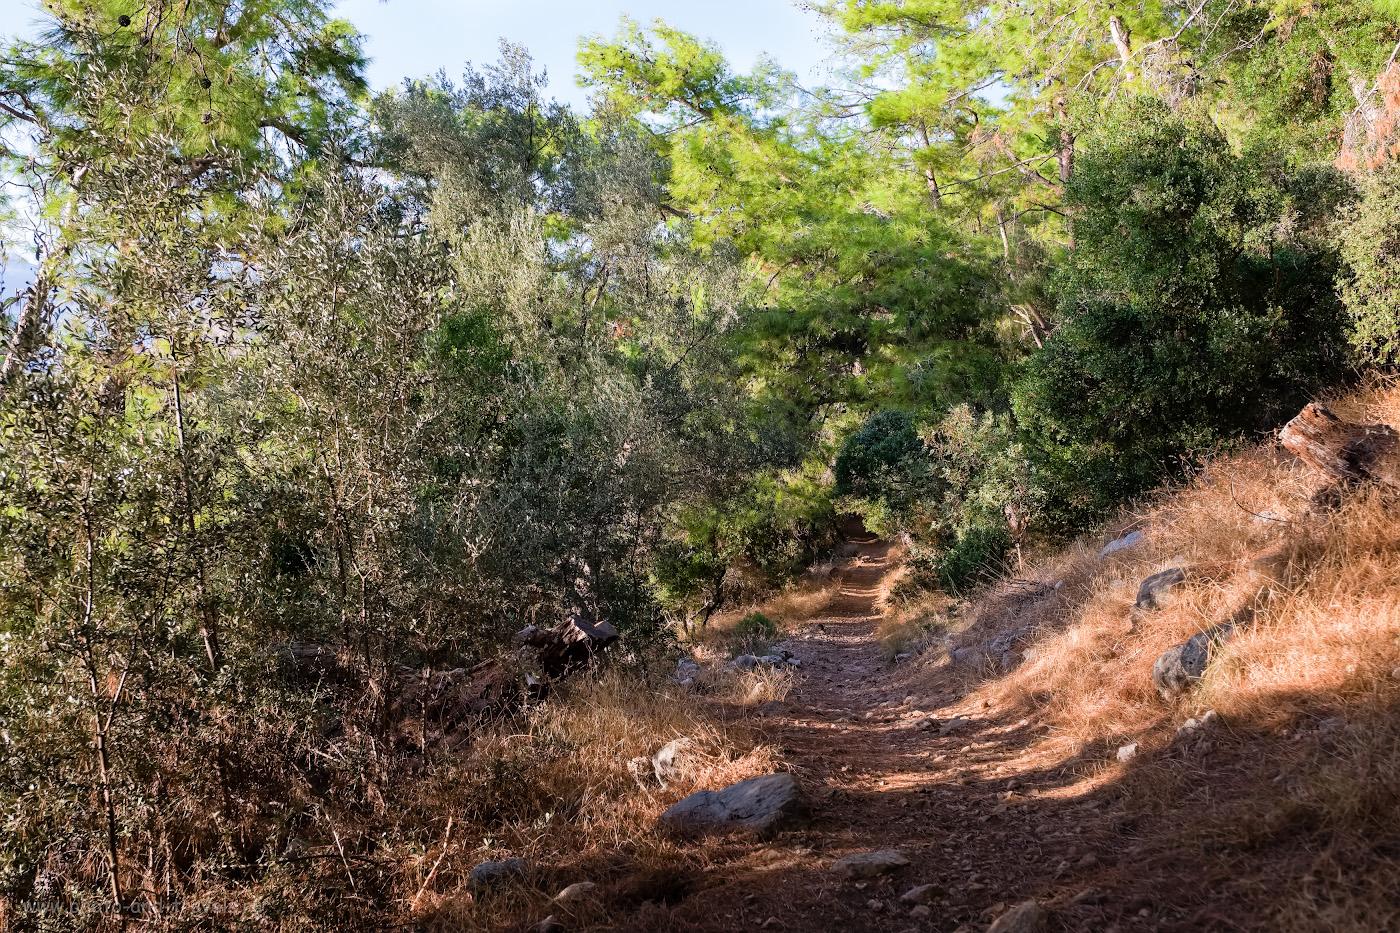 Фотография 7. Так выглядит дорожка на мысе. Отчеты туристов о походе по Ликийской тропе в Турции самостоятельно. 1/250, 3.6, 200, -0.33, 24.